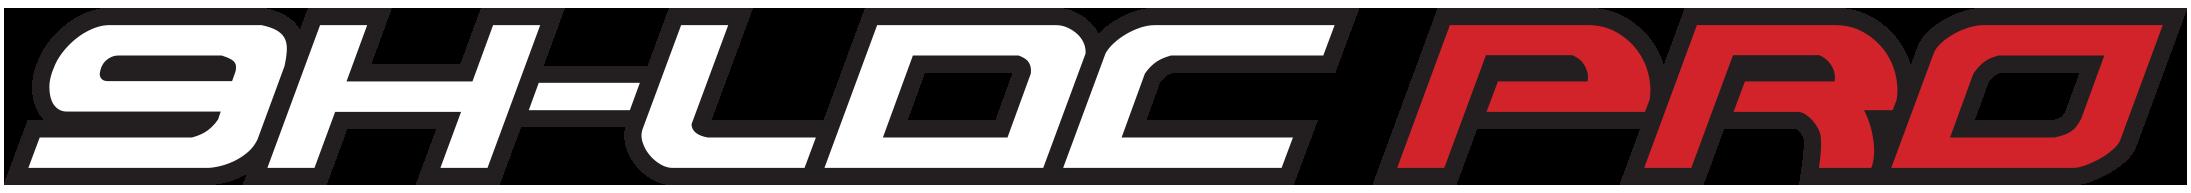 9H-LDC-Pro